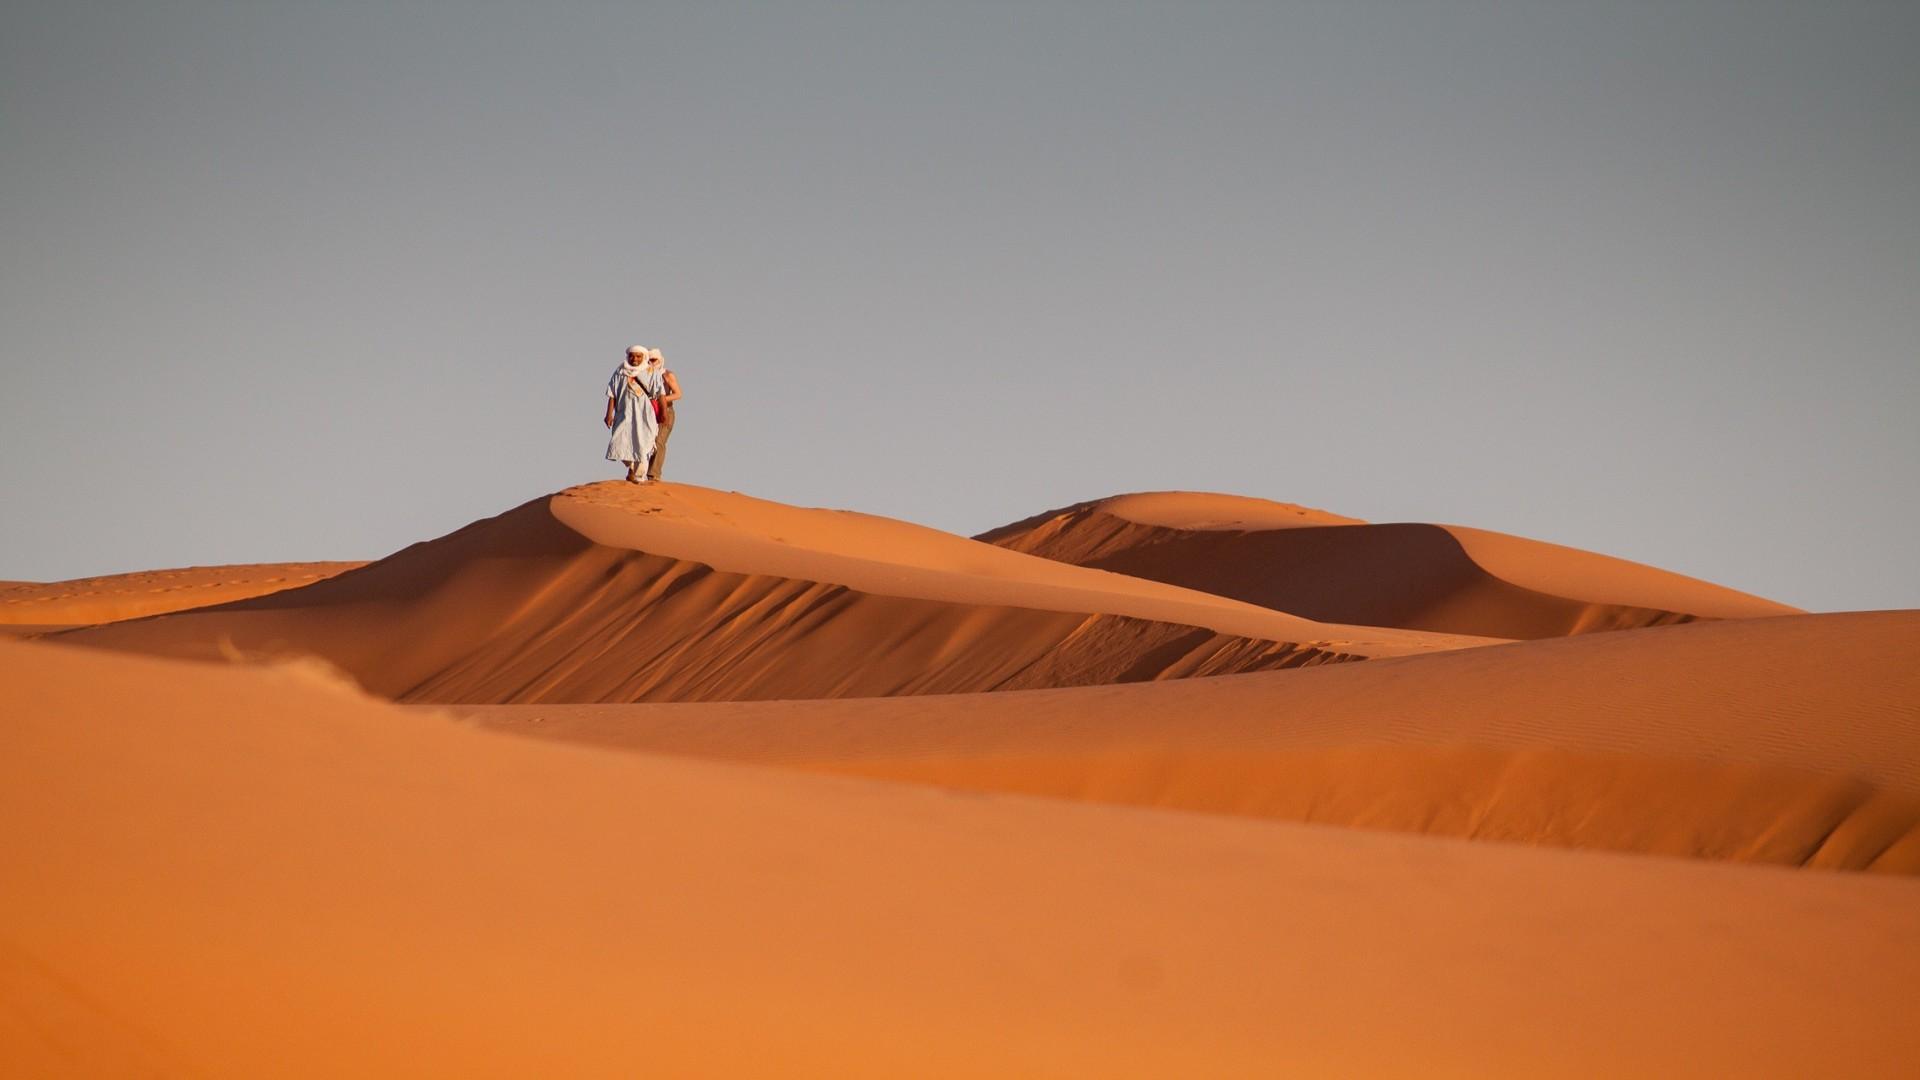 Man lopend in woestijn op oranje zandduin, Zuid Marokko